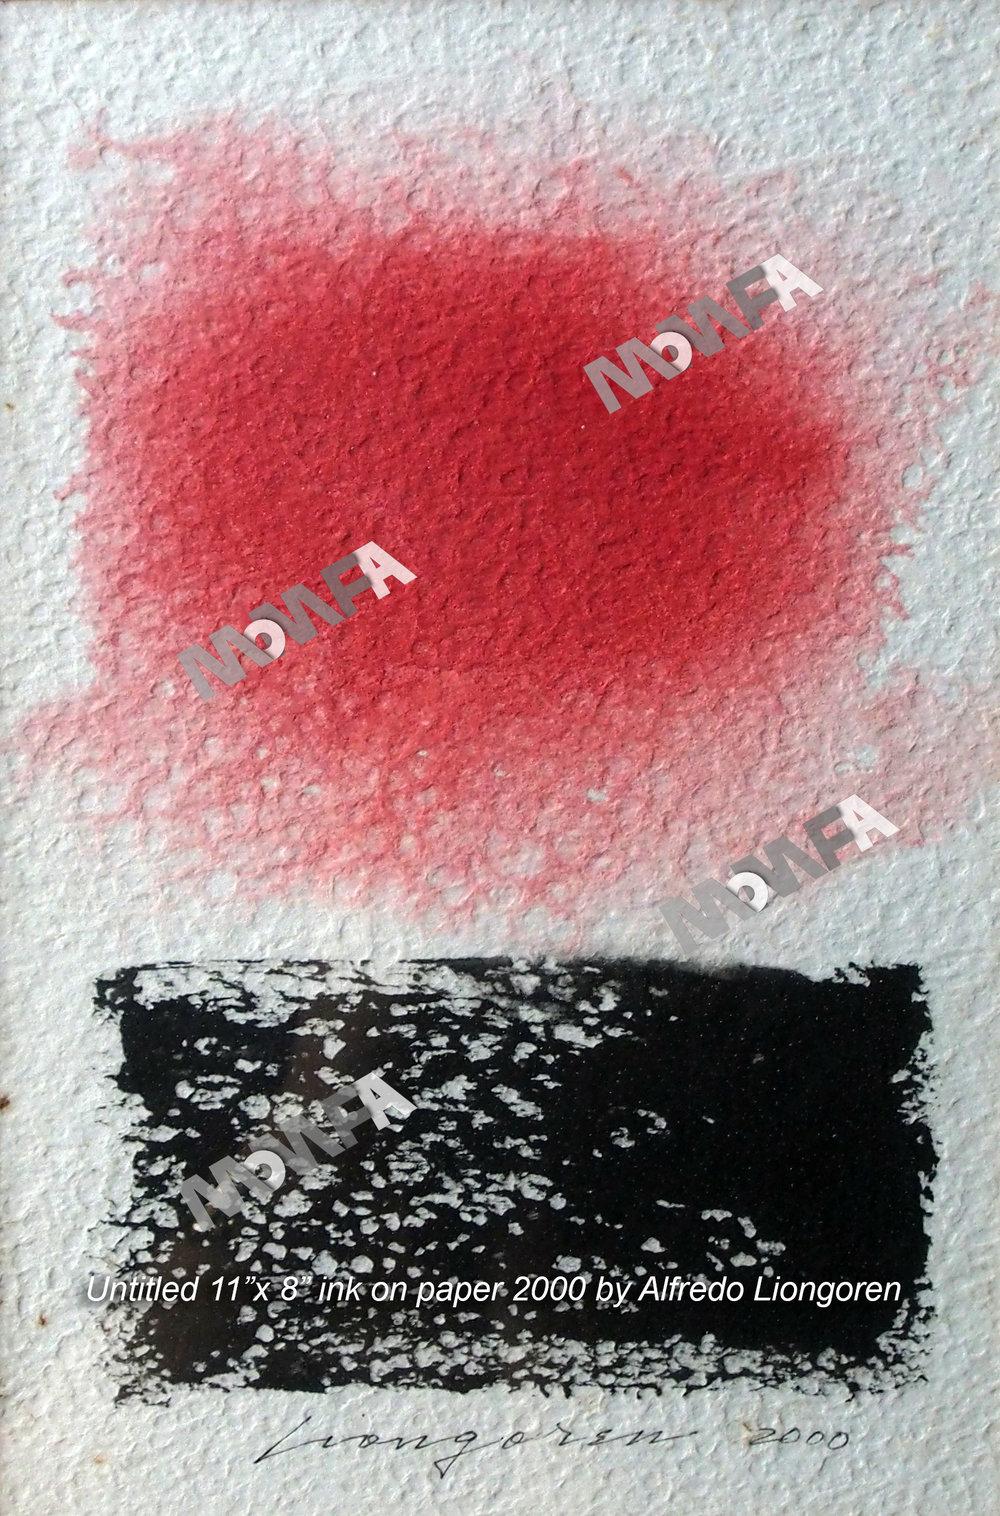 Alfredo Liongoren (2000) 11 in x 8 in ink on paper wms.jpg